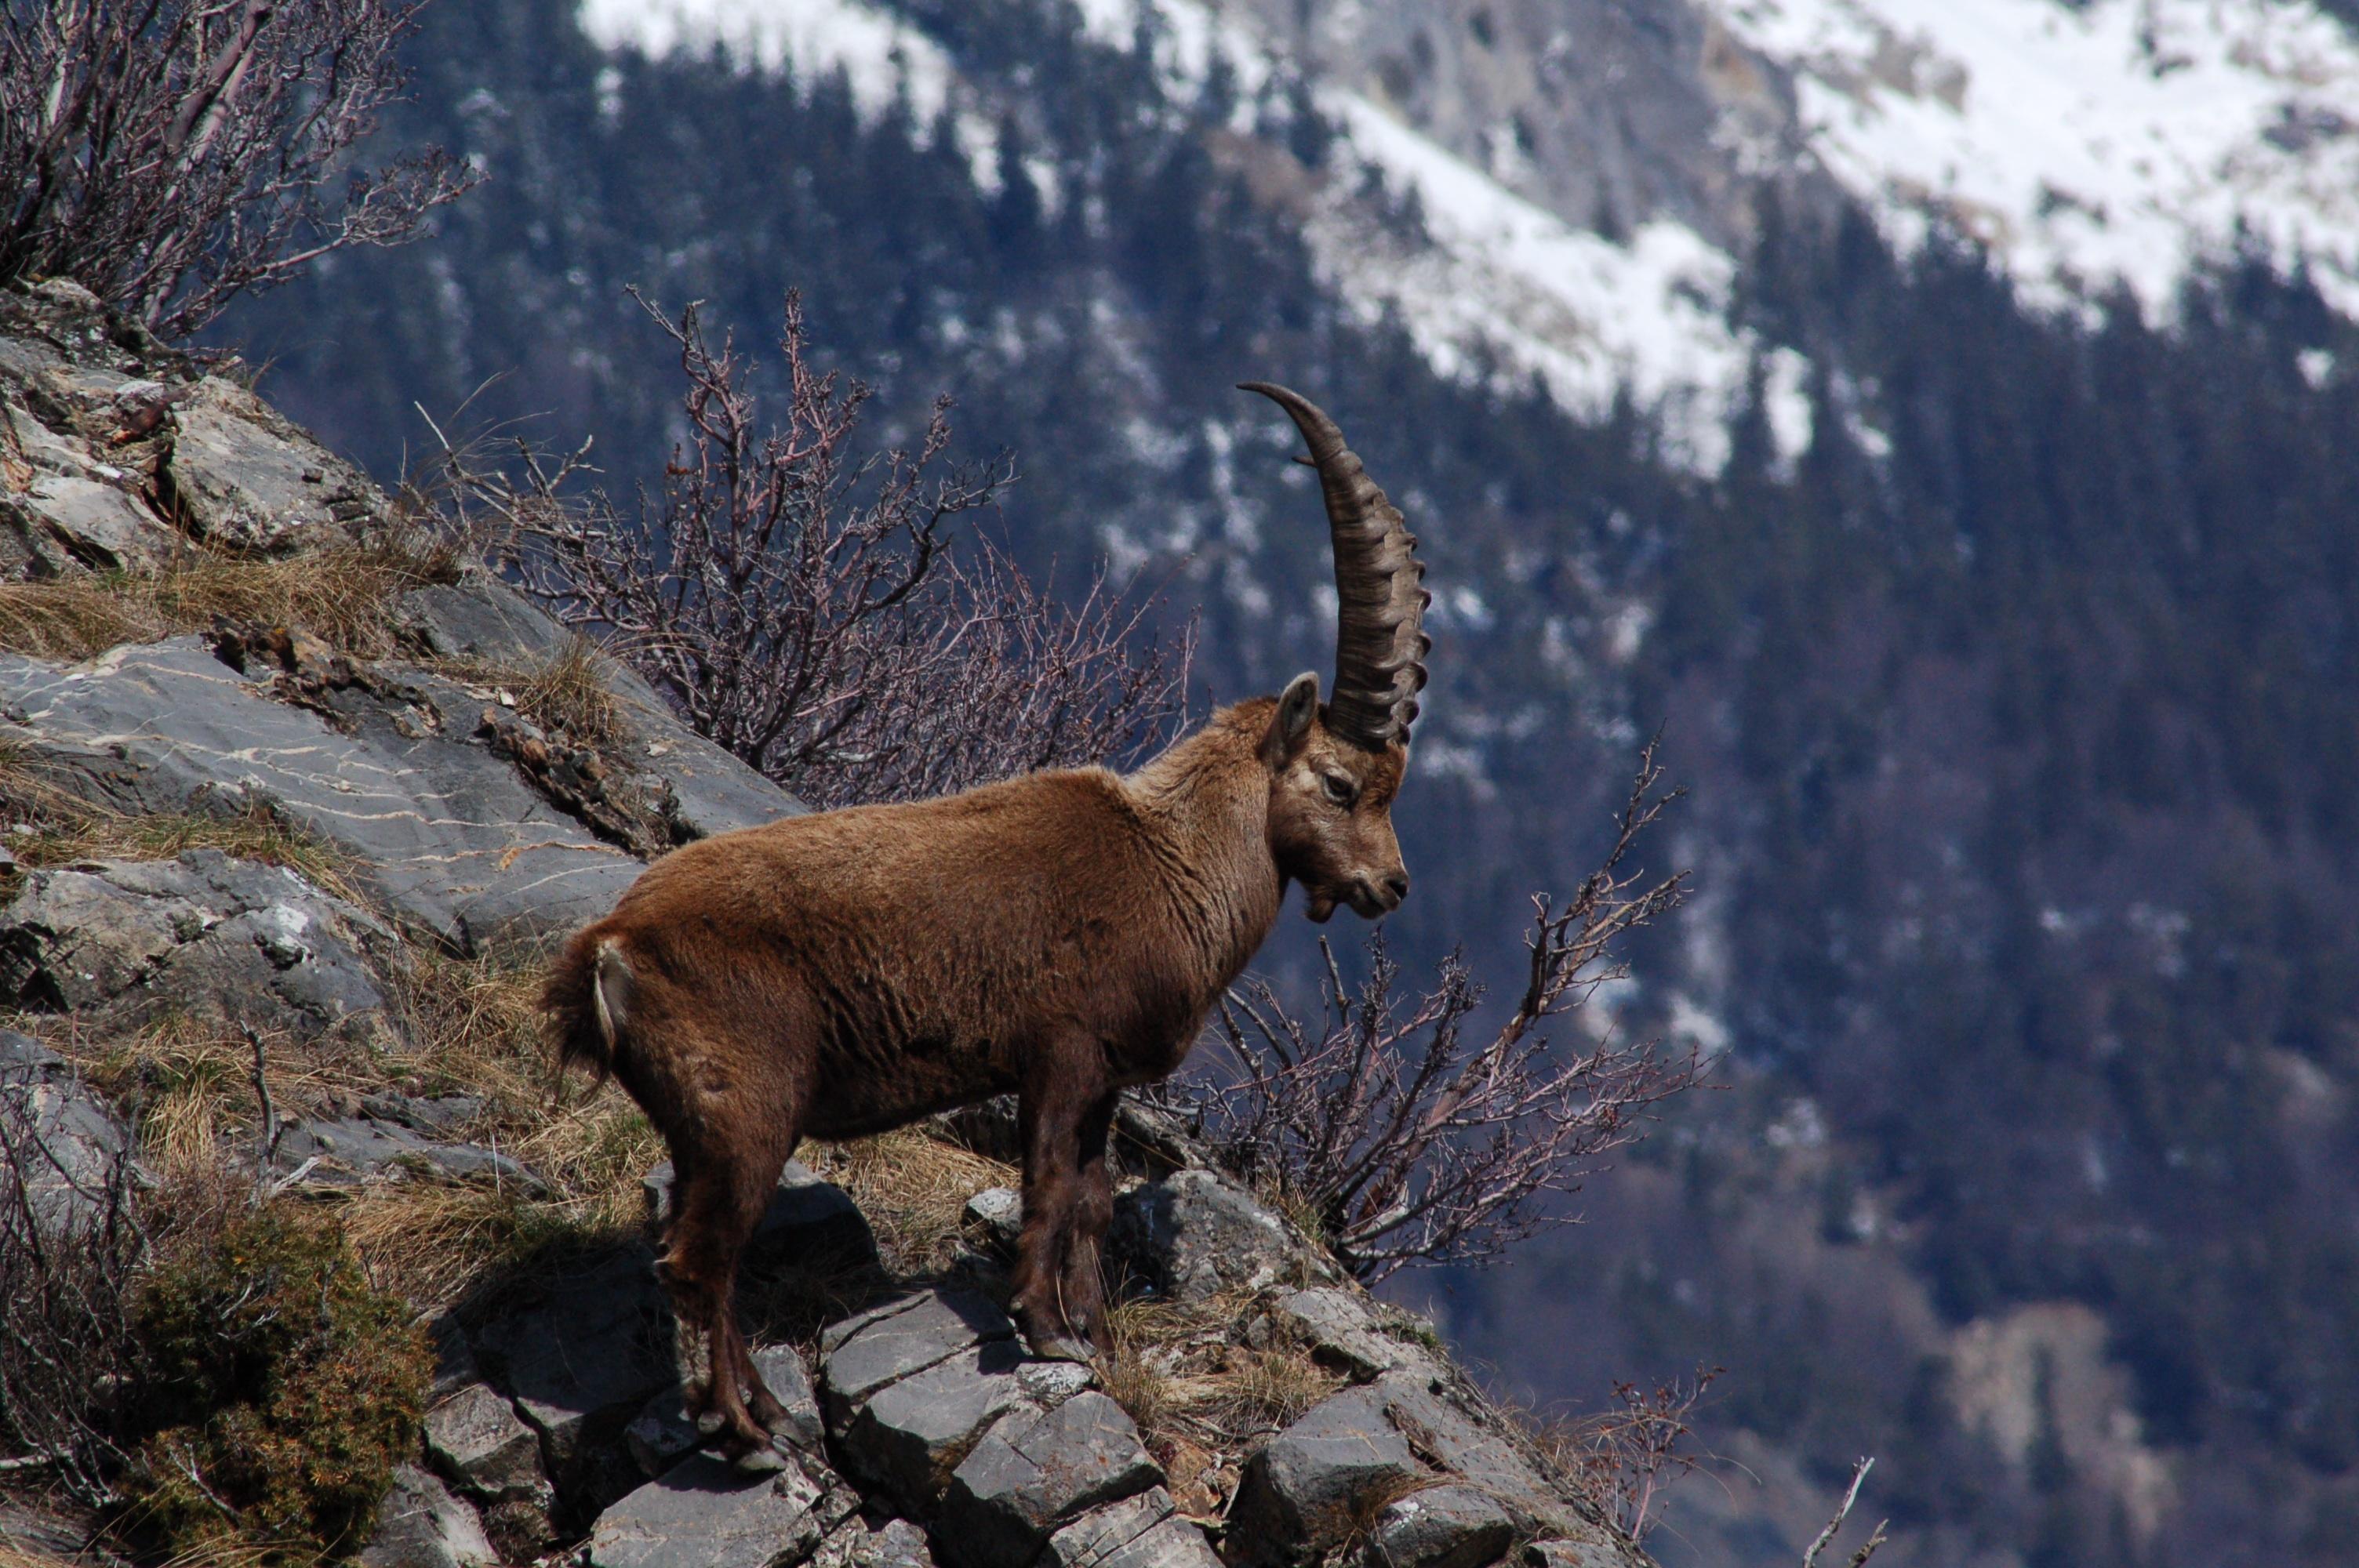 животный мир гор фото владелец считает, что